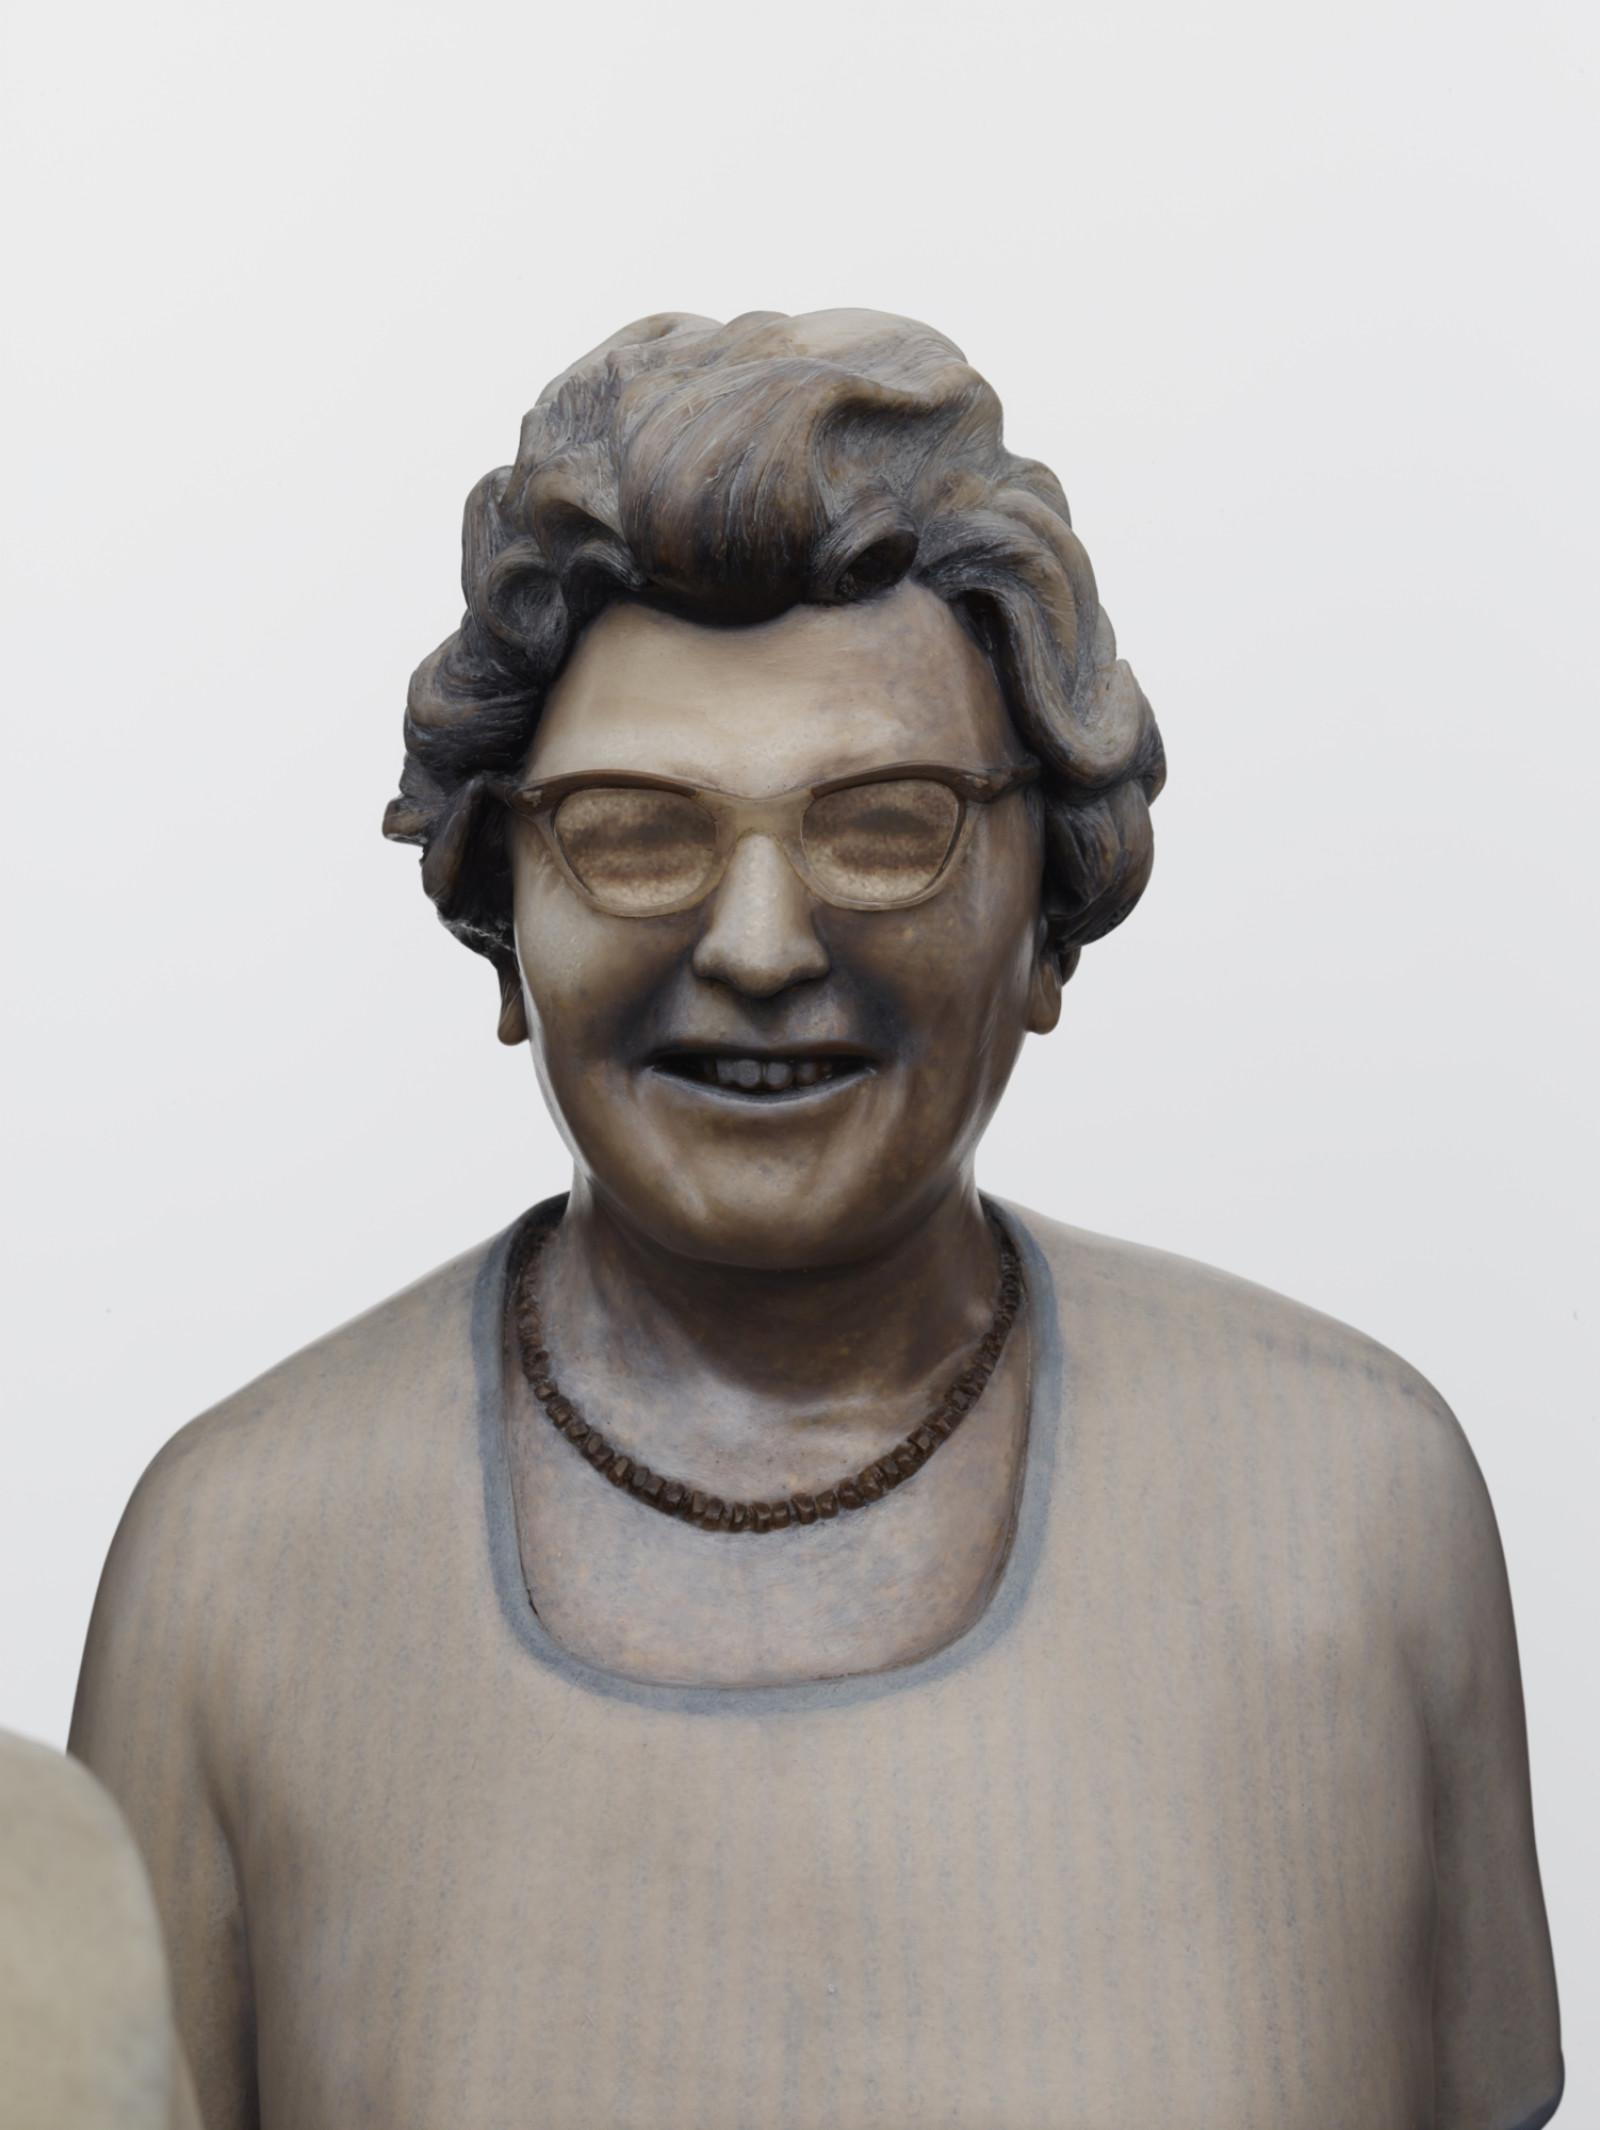 Sculpture by Martin Honert, , dated 2012